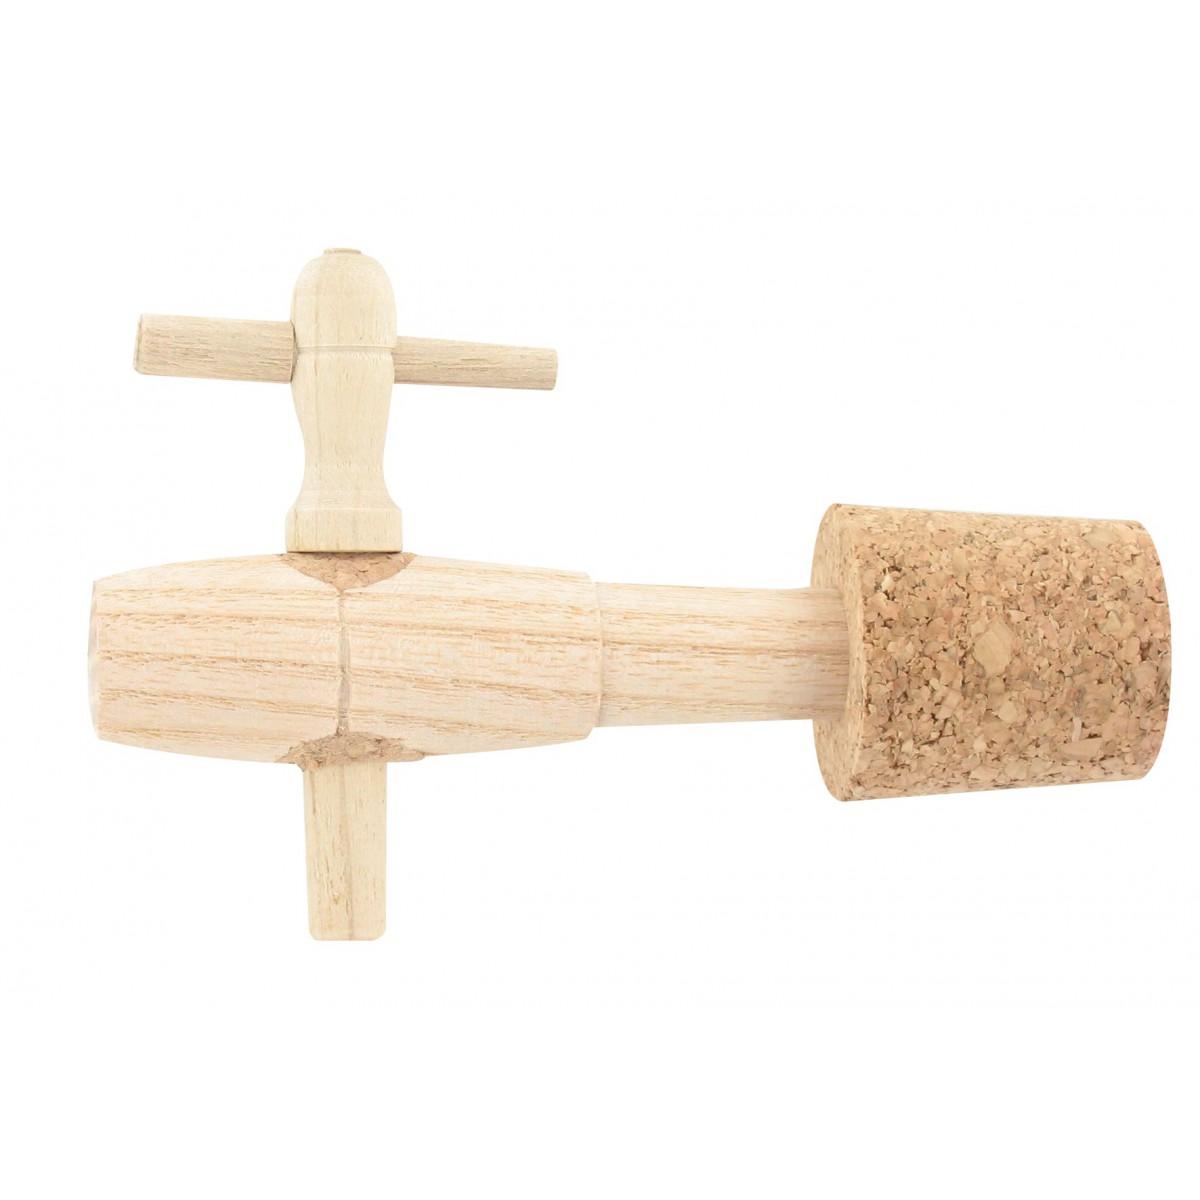 robinet bois acacia pour vinaigrier duhall 4 pouces de. Black Bedroom Furniture Sets. Home Design Ideas